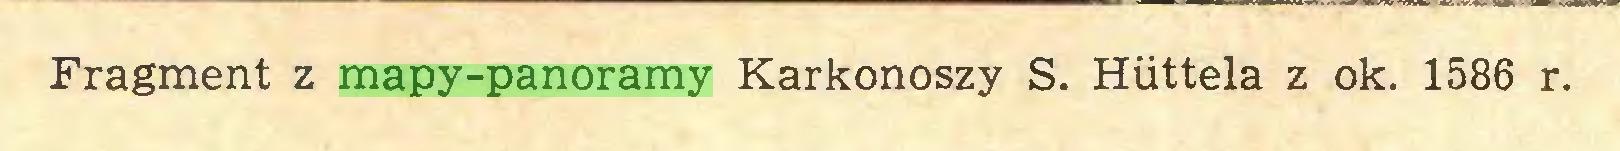 (...) Fragment z mapy-panoramy Karkonoszy S. Huttela z ok. 1586 r...